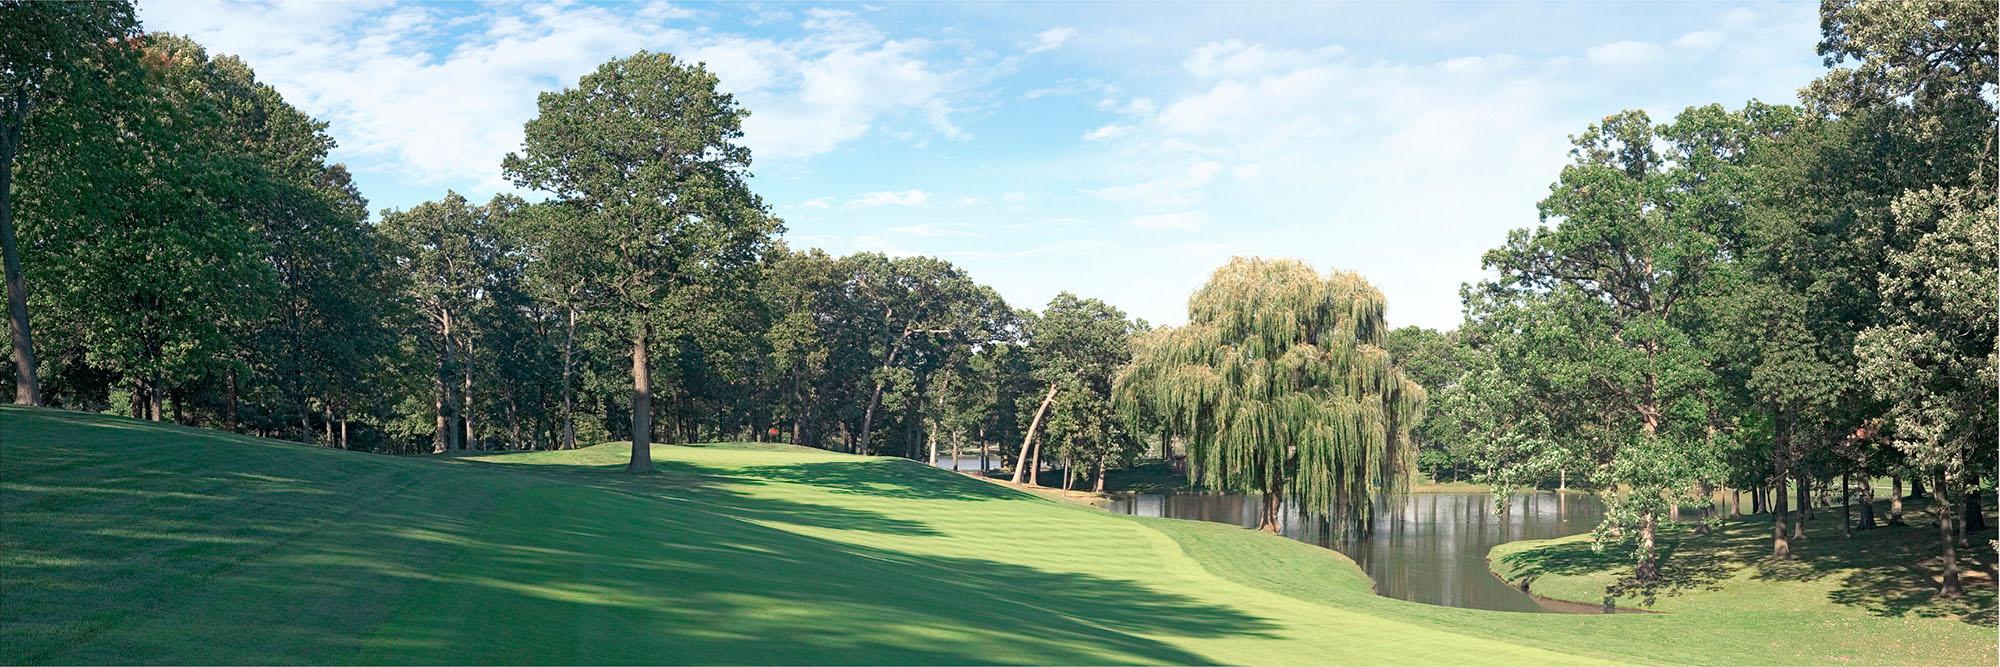 Golf Course Image - Medinah 3 No. 12